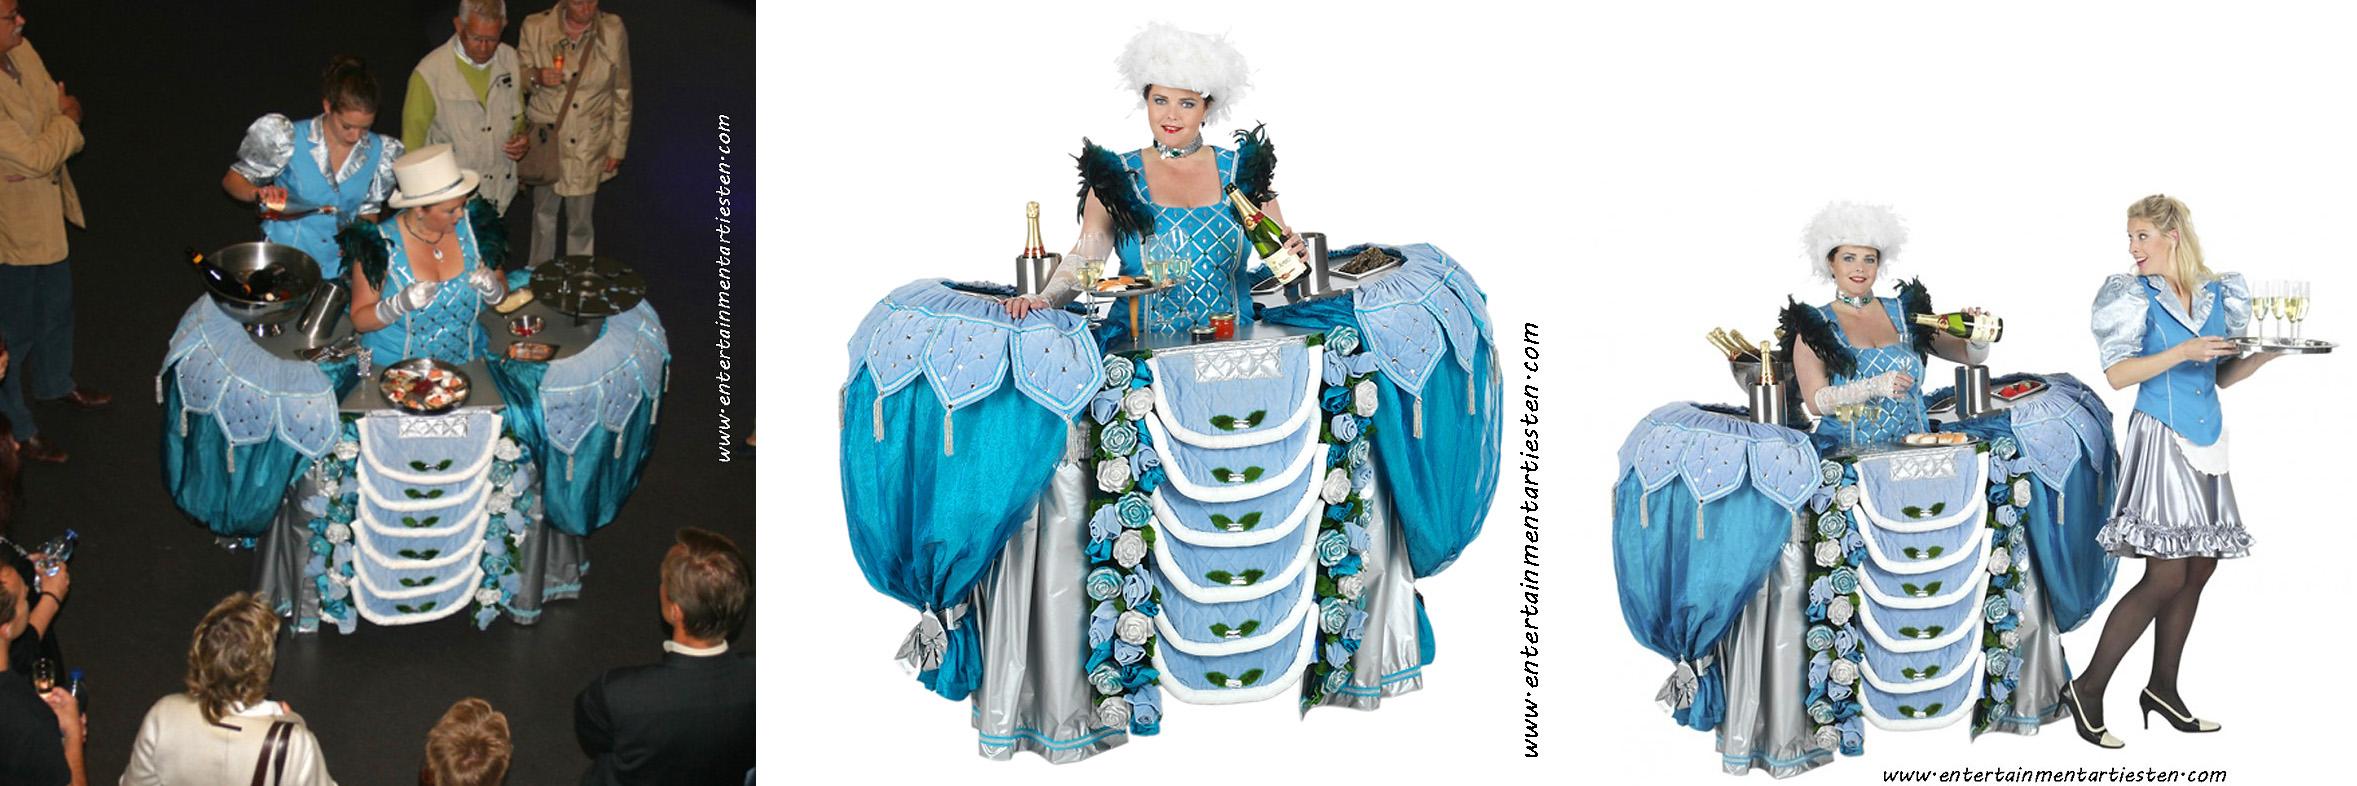 De Champagnetafel is bijzonder Entertainment voor een Huwelijksfeest met drankjes, culinair entertainment, catering act, artiesten boeken voor feestje, drankjes serveren, Govers Evenementen, www.goversartiesten.nl